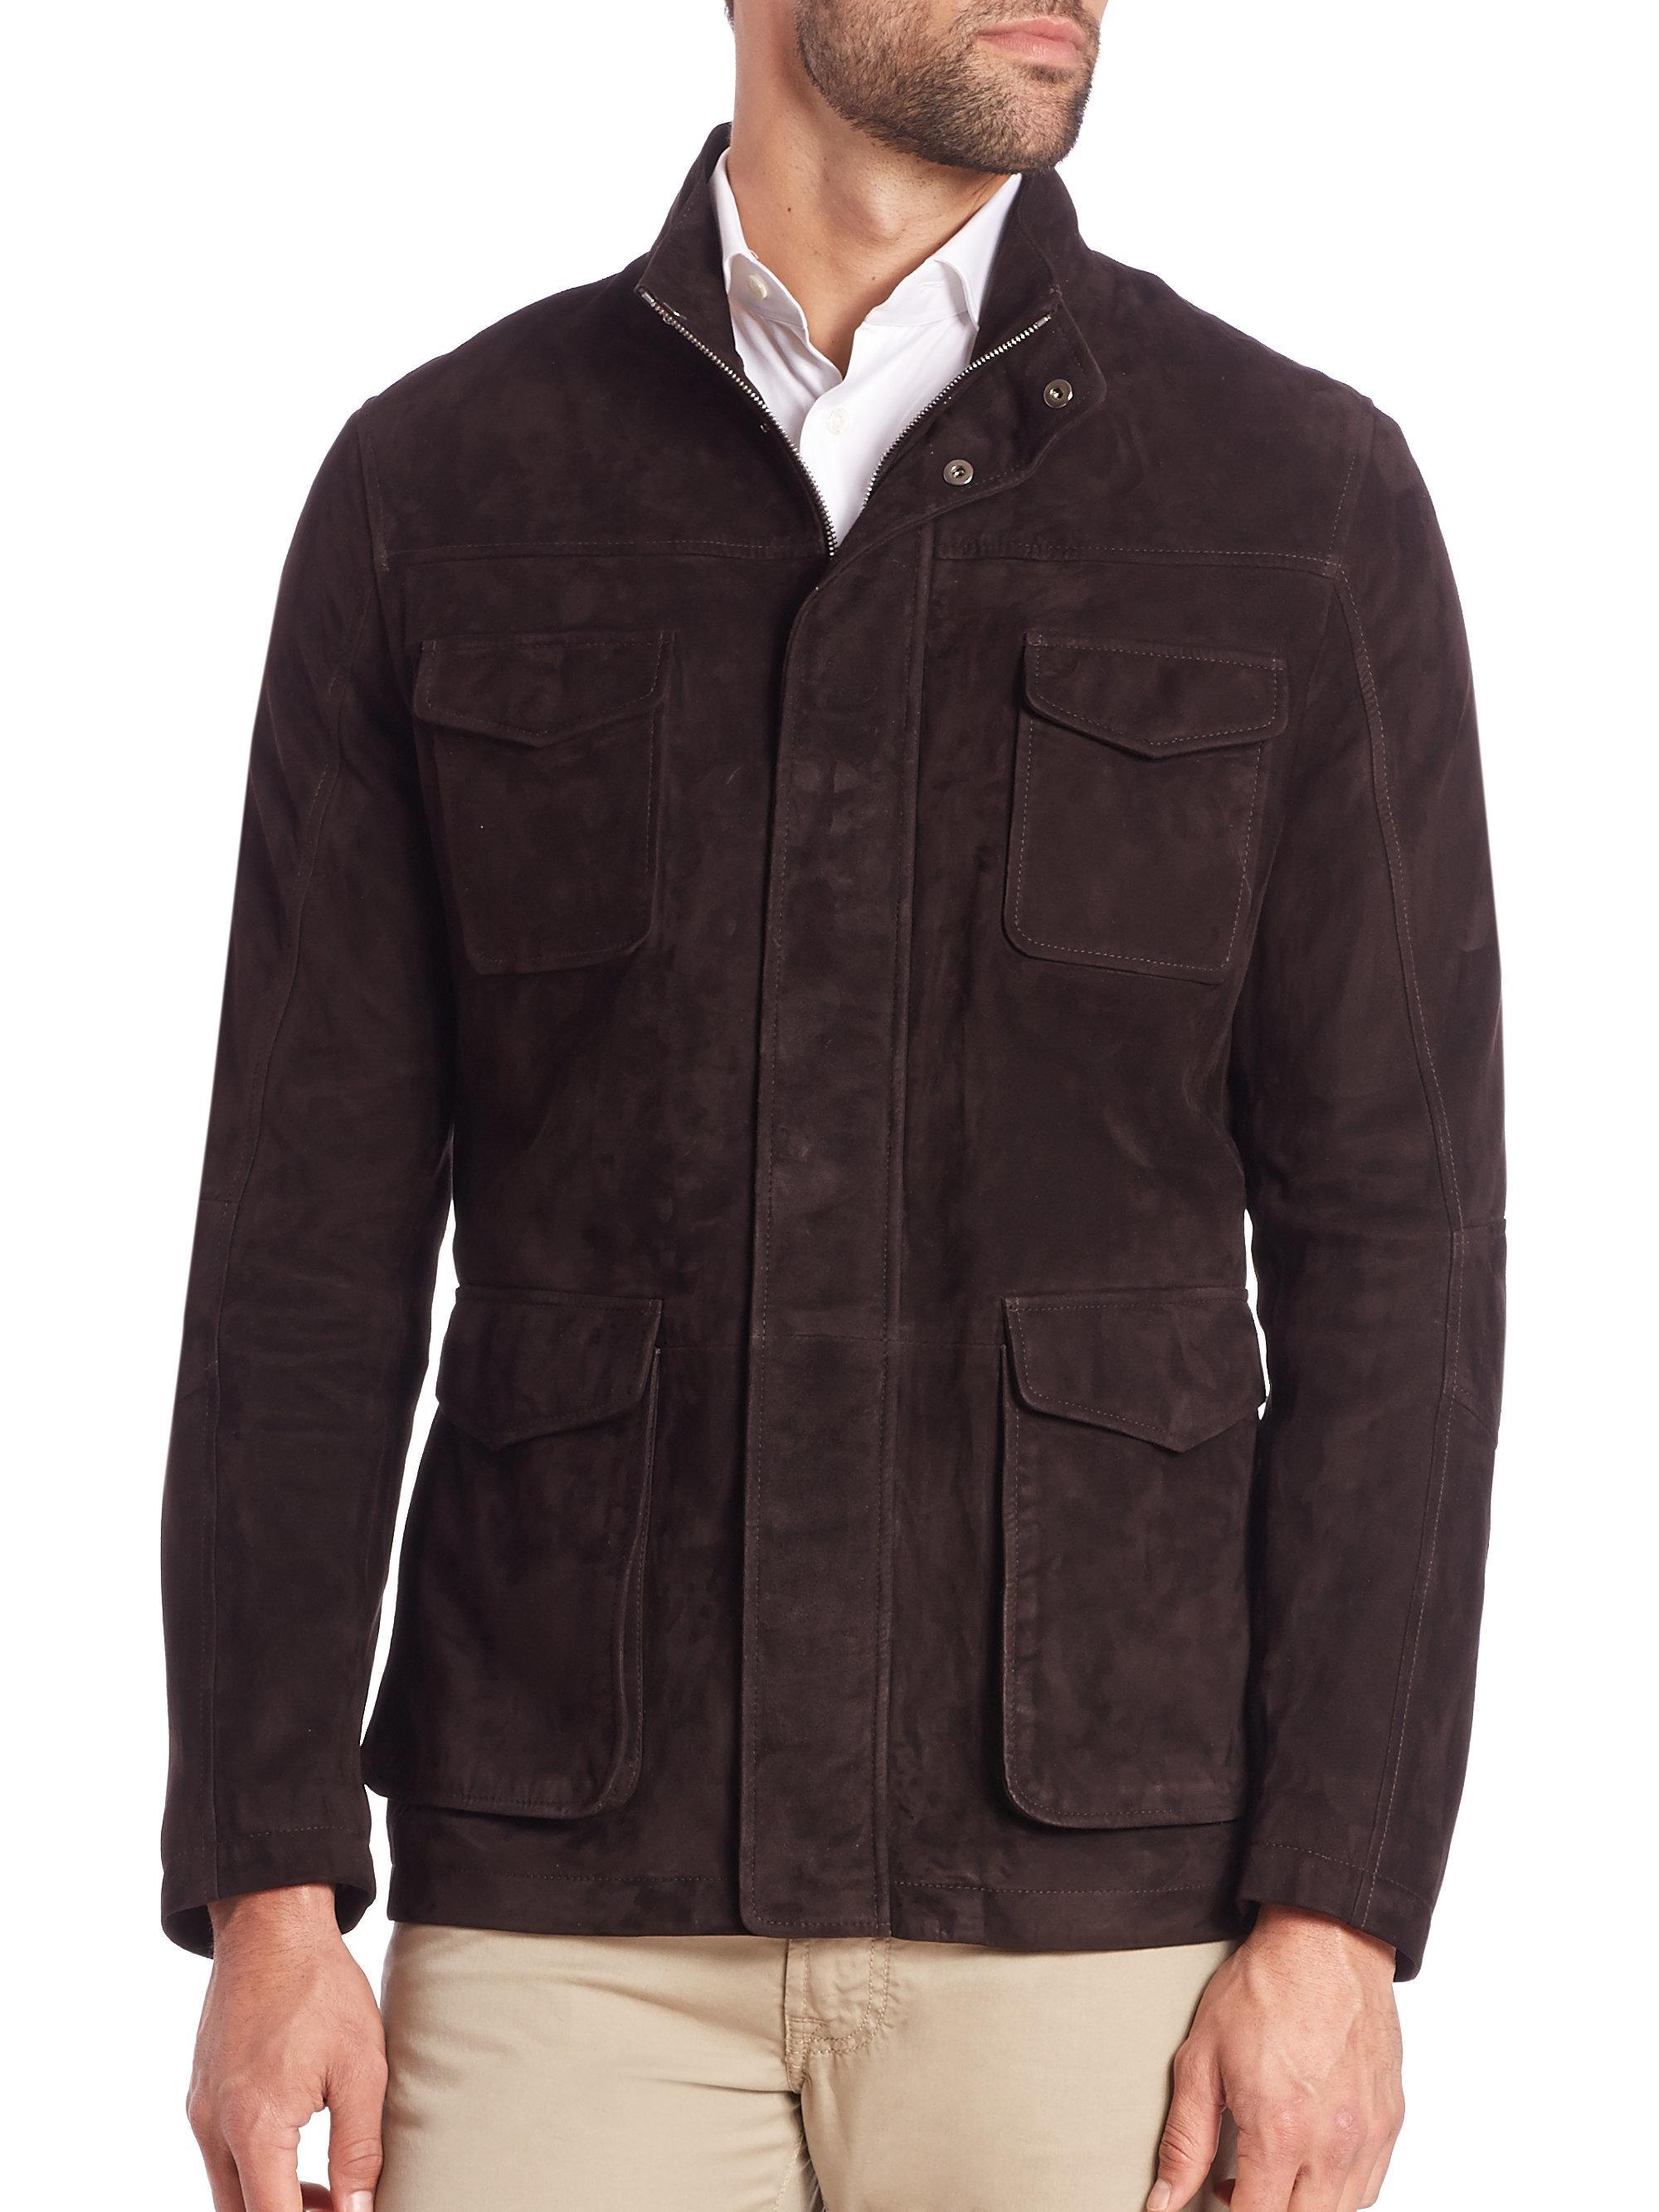 Corneliani Suede Field Jacket In Brown For Men Lyst